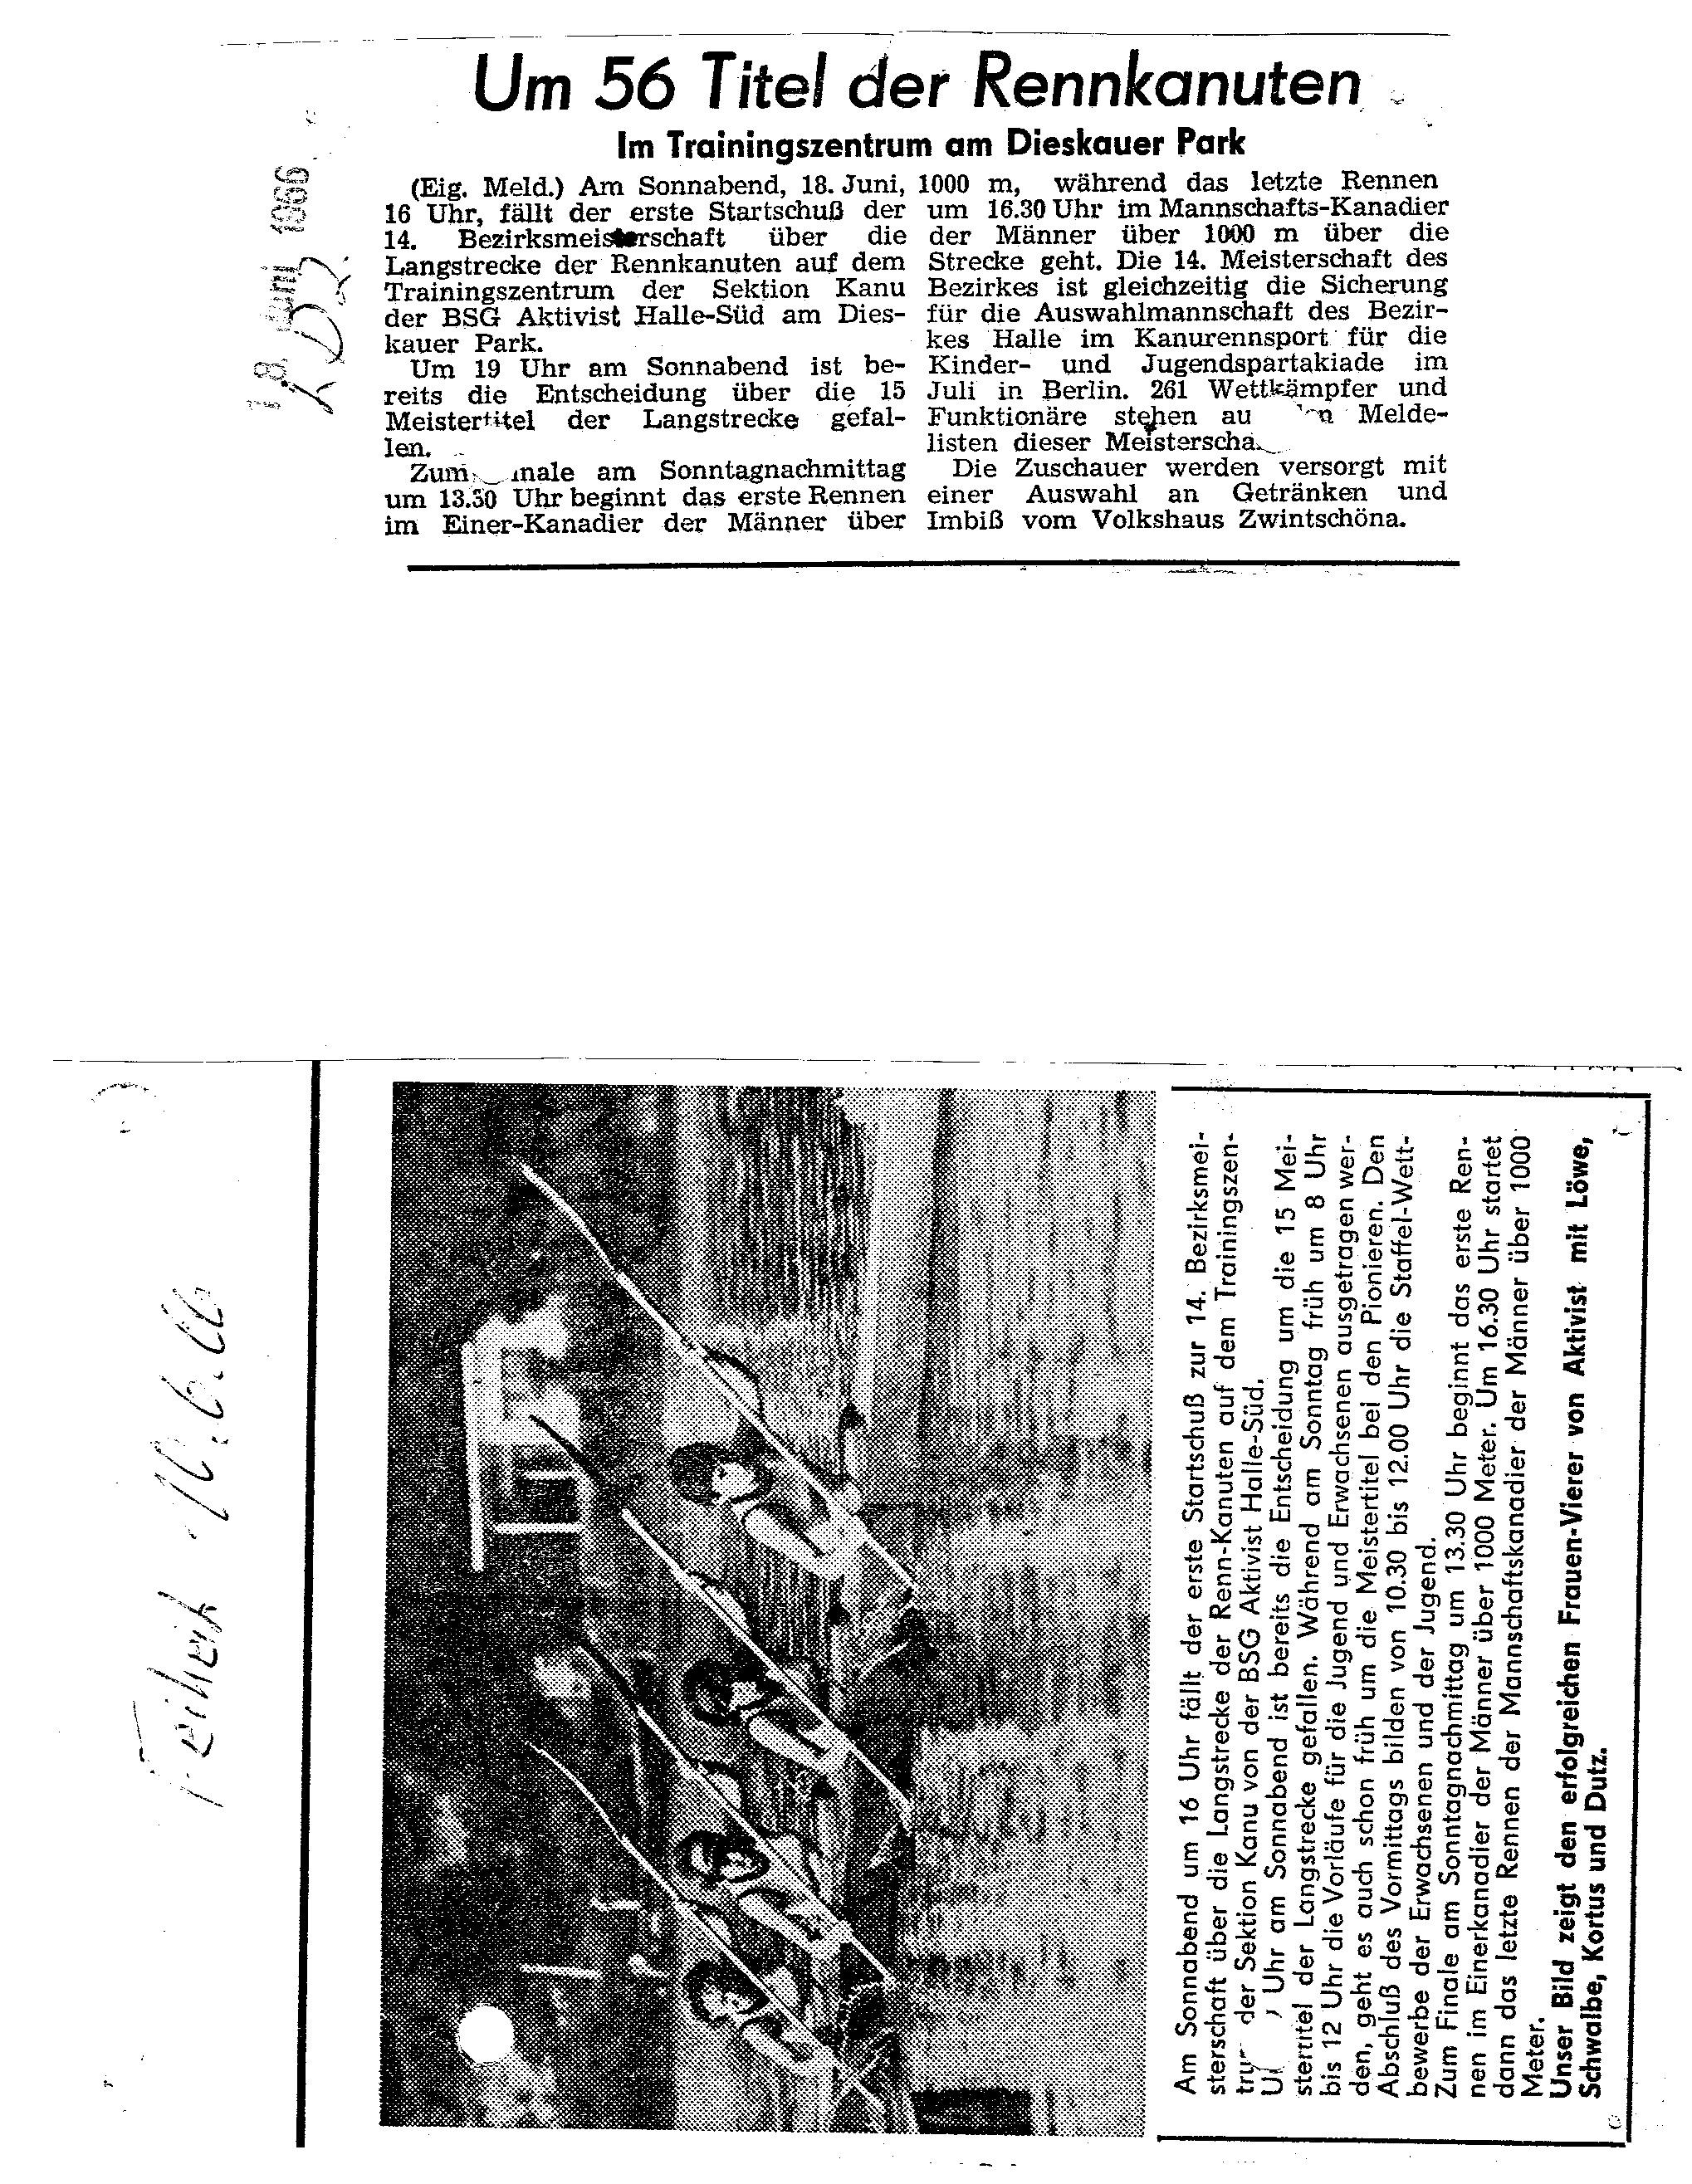 1966-06-18 Freiheit Um 56 Titel der Rennkanuten